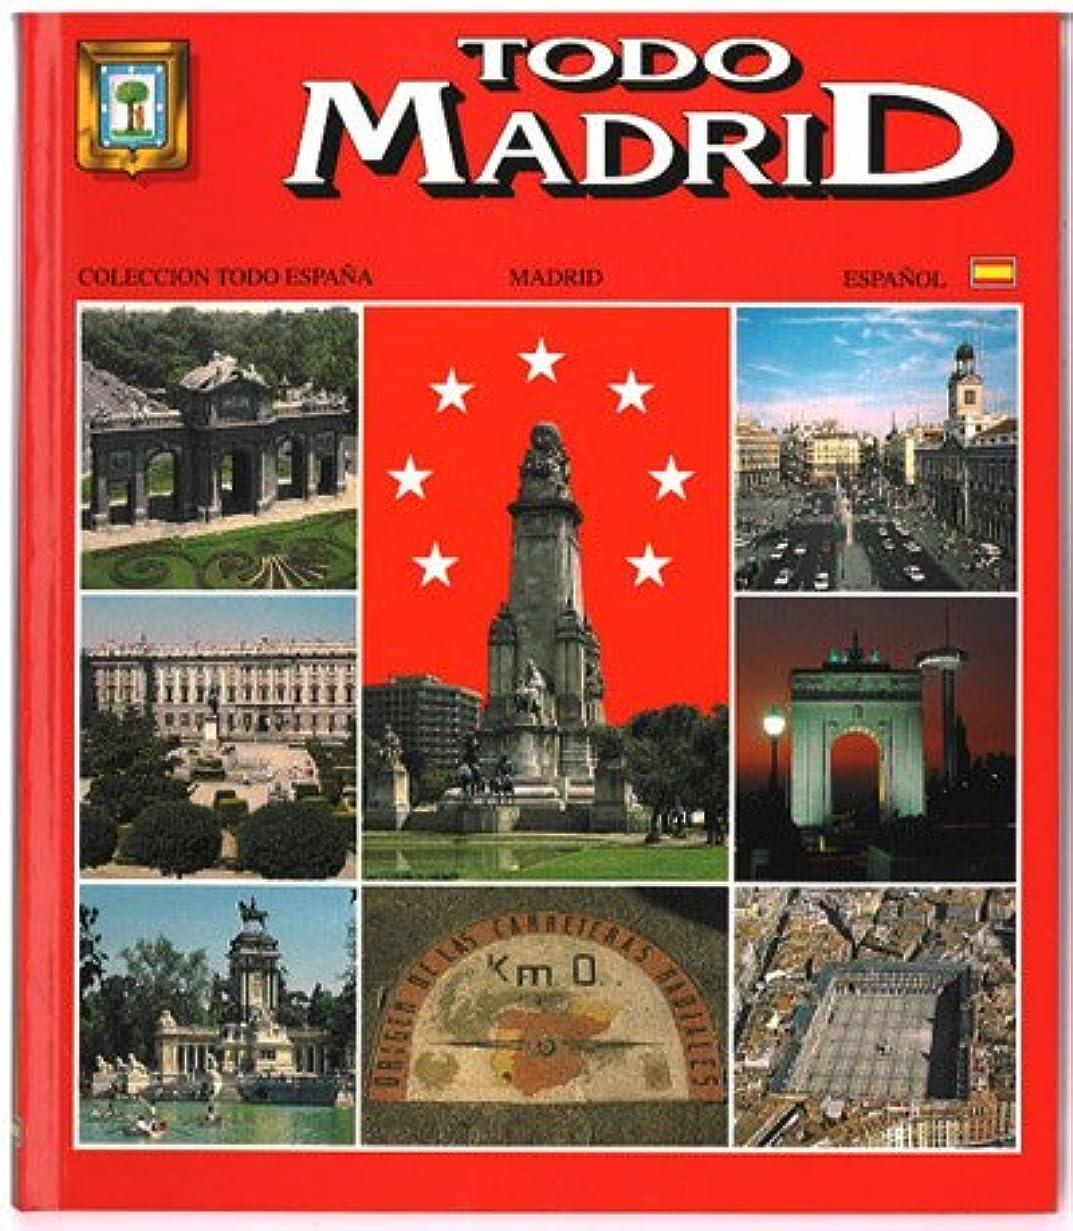 戦いクライアント傑作スペイン製 ガイドブック マドリッド のすべて TODO MADRID スペイン語版 写真集 seu-mrd-sp